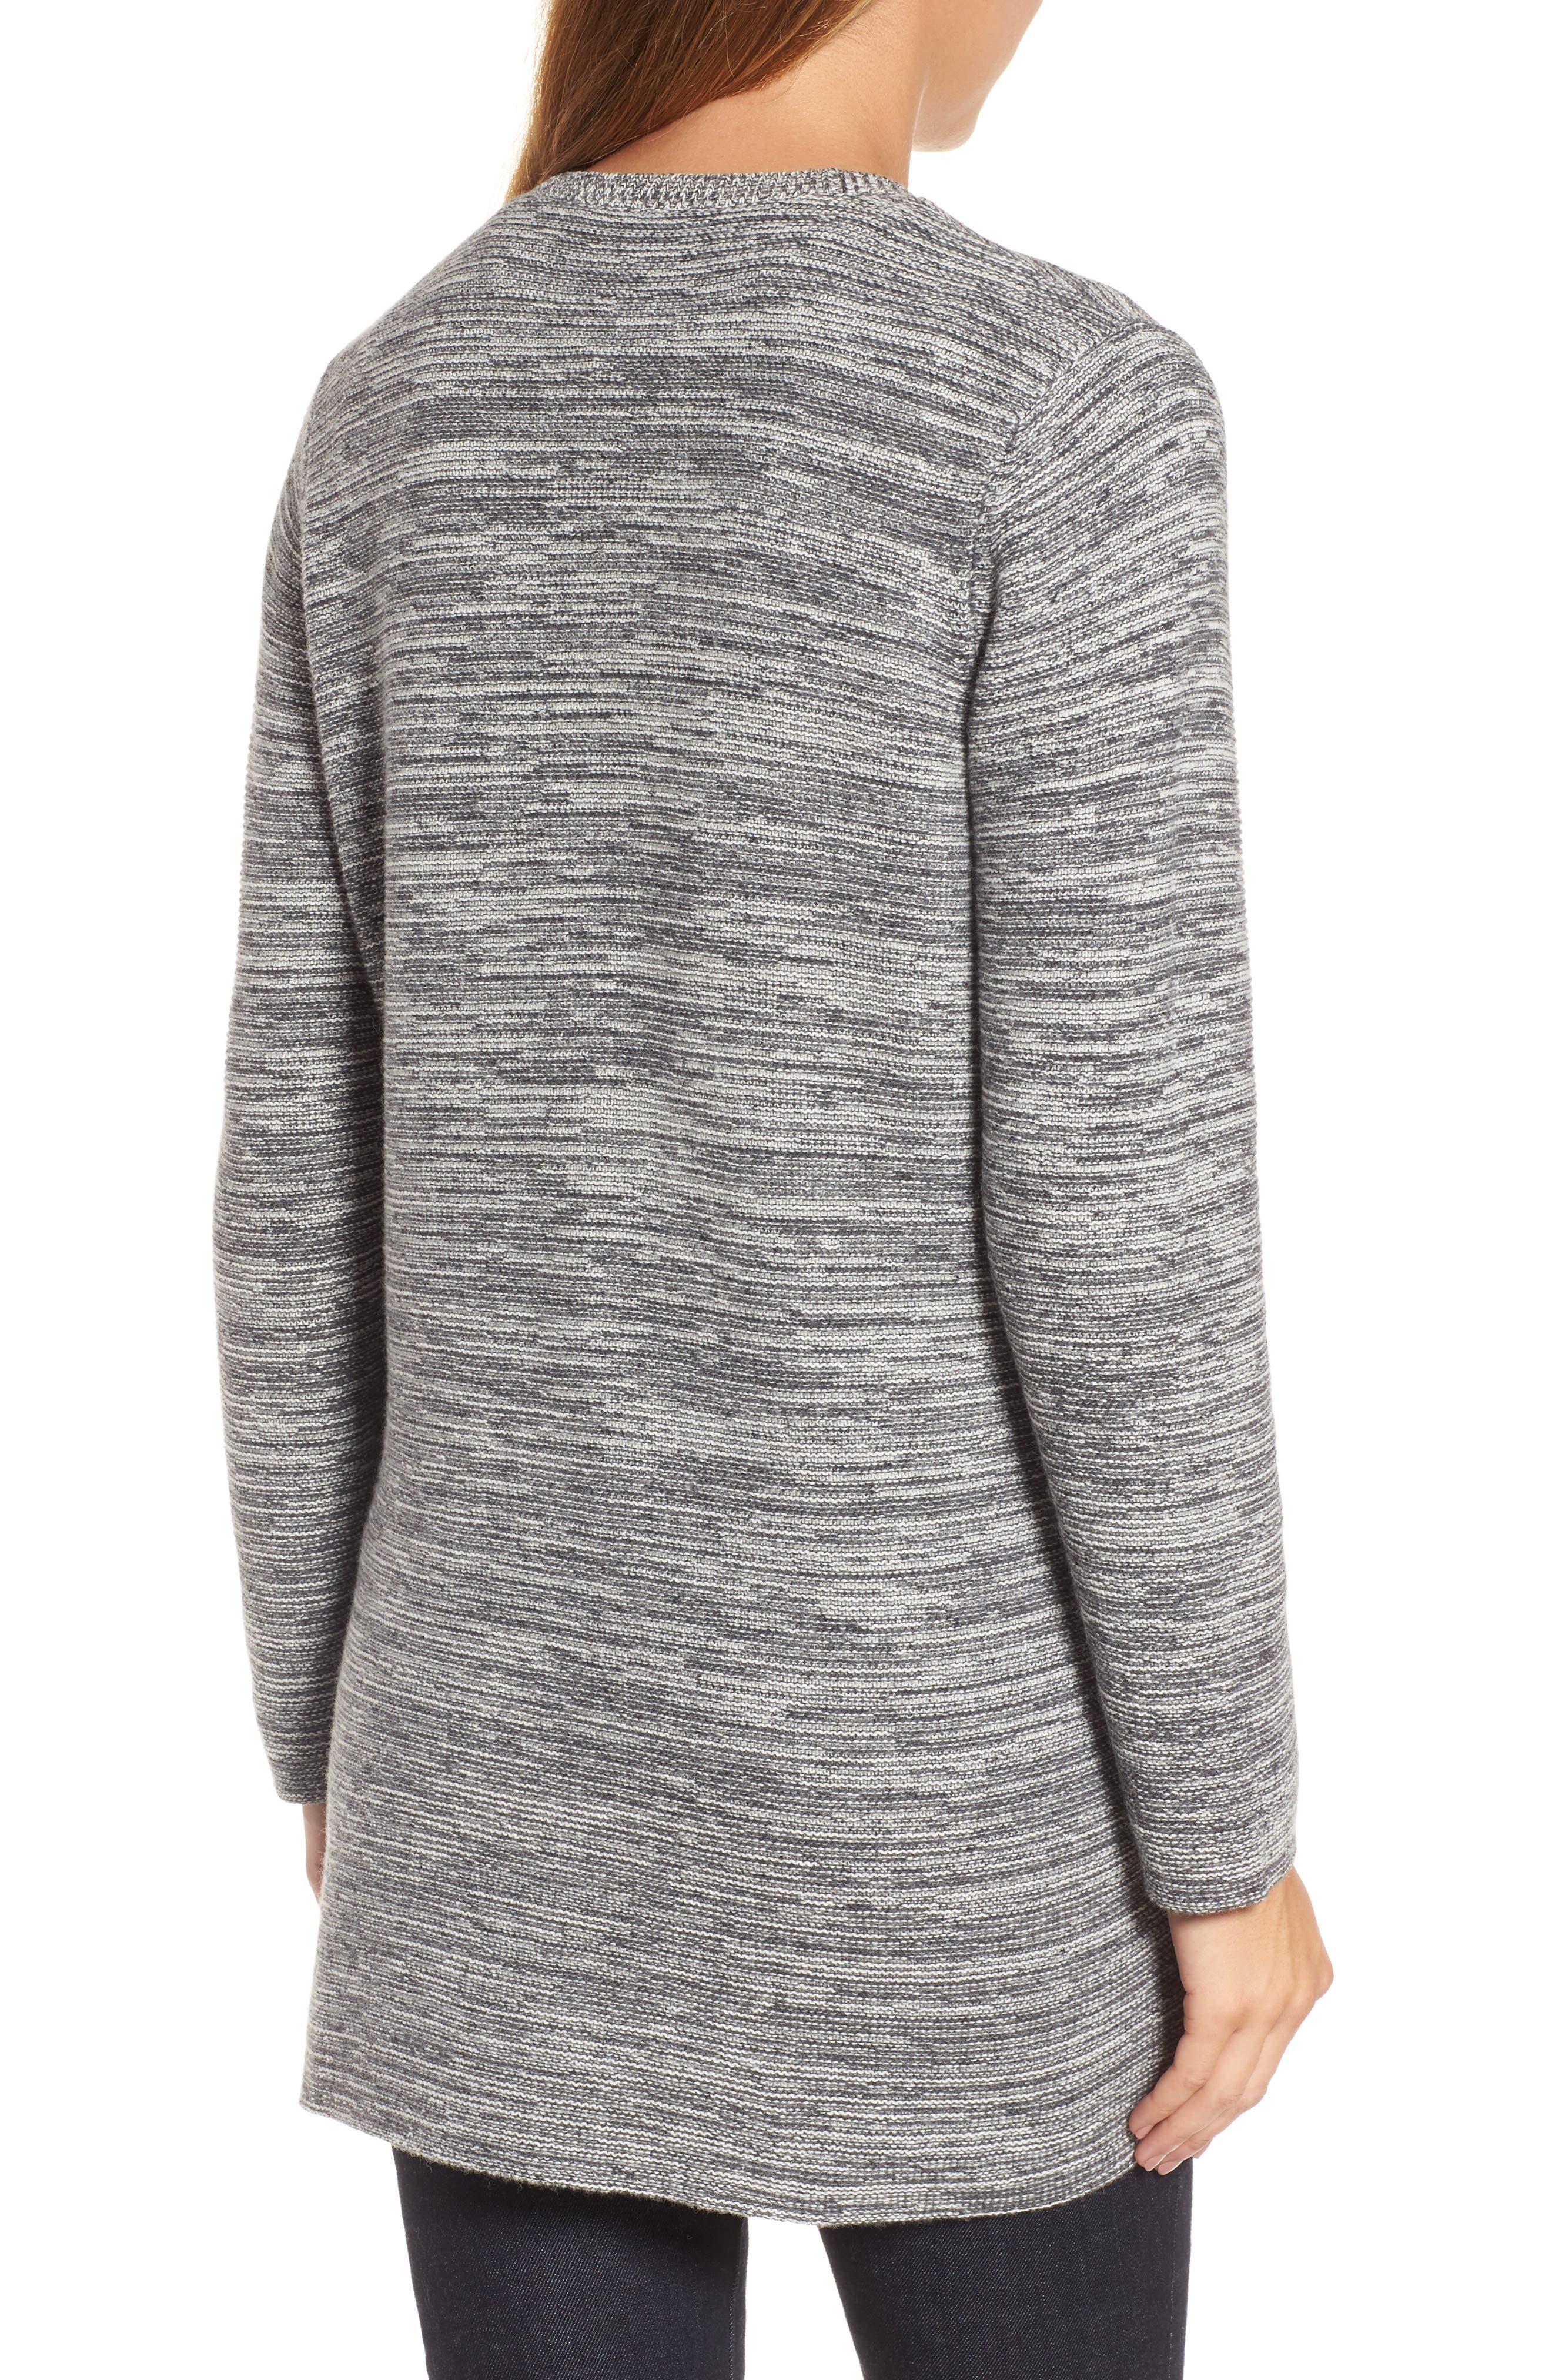 Alternate Image 2  - Eileen Fisher Organic Cotton Blend Boyfriend Cardigan